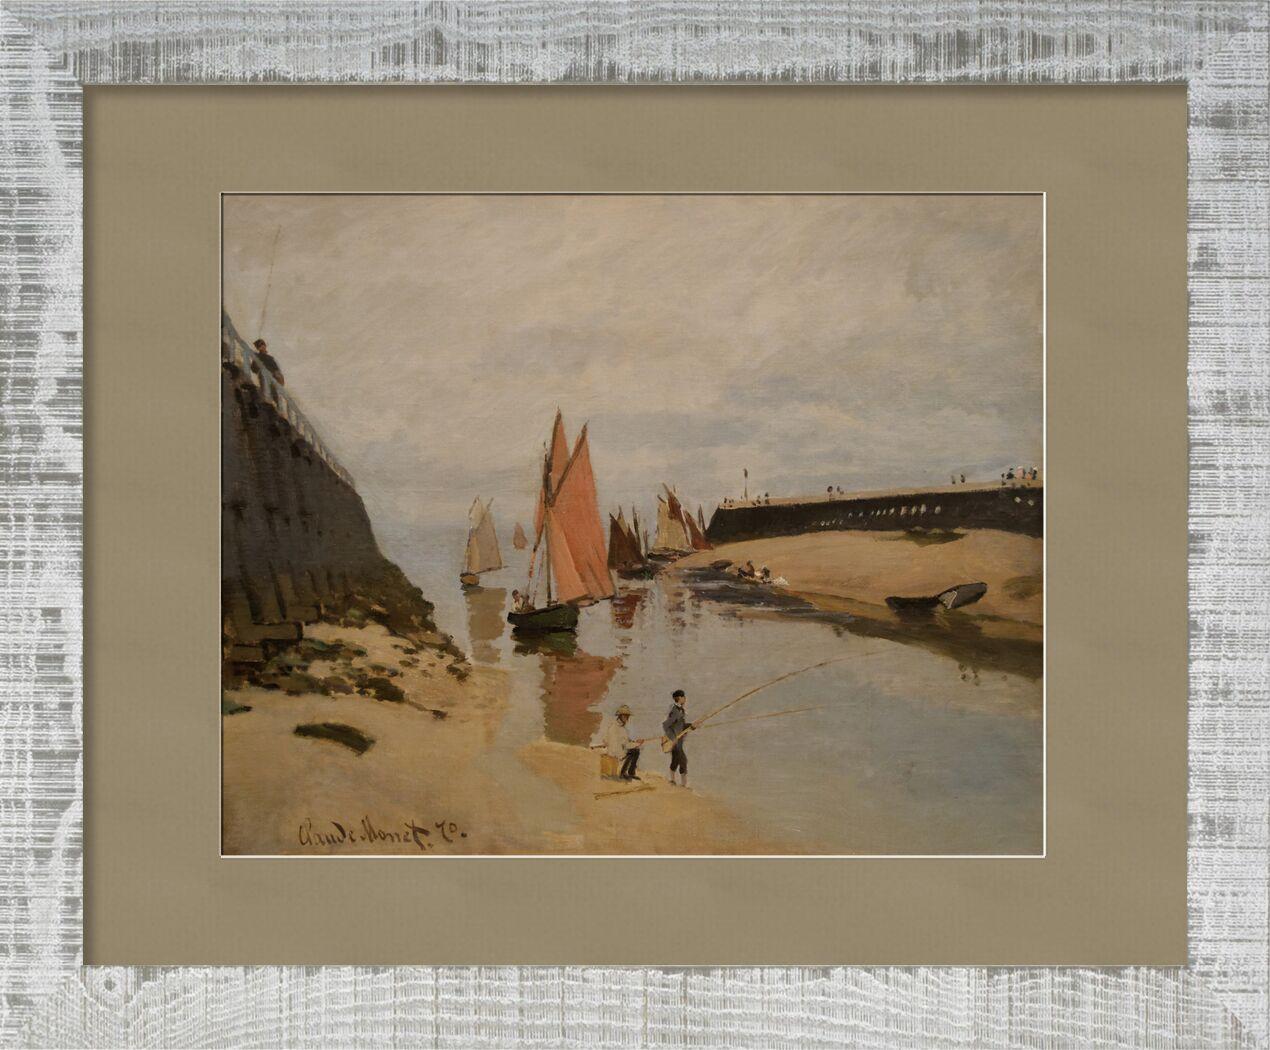 The harbour at Trouville - CLAUDE MONET 1870 von AUX BEAUX-ARTS, Prodi Art, Hafen, Fluss, Fluss, Kinder, Wolken, Malerei, CLAUDE MONET, Trouville, Angeln, Boote, Segelboote, Hafeneingang